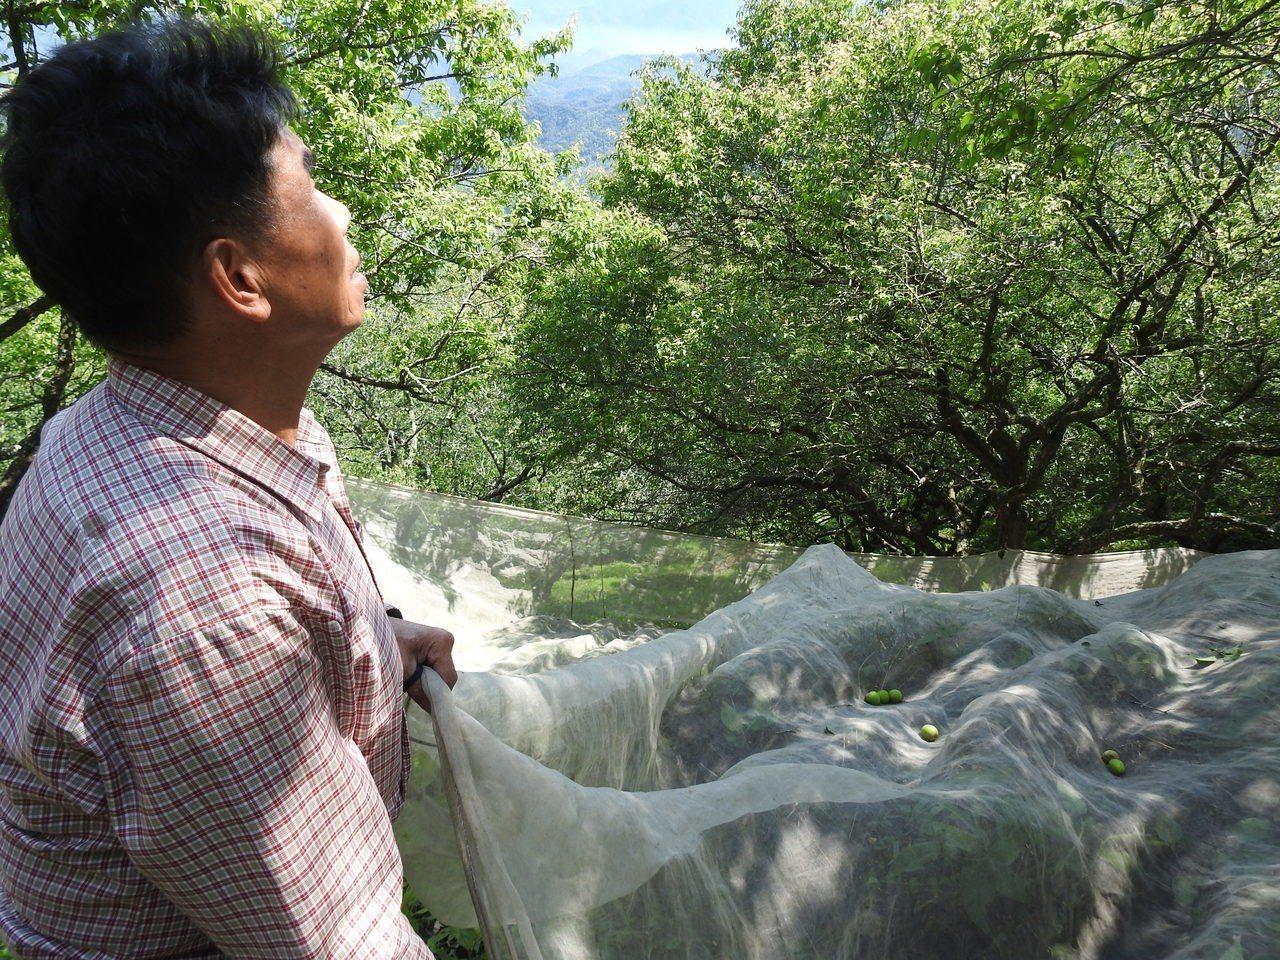 暖冬梅況慘澹,過去青梅覆蓋網面的情景不復見,林地農民更因非農牧地,農損補助「看得...